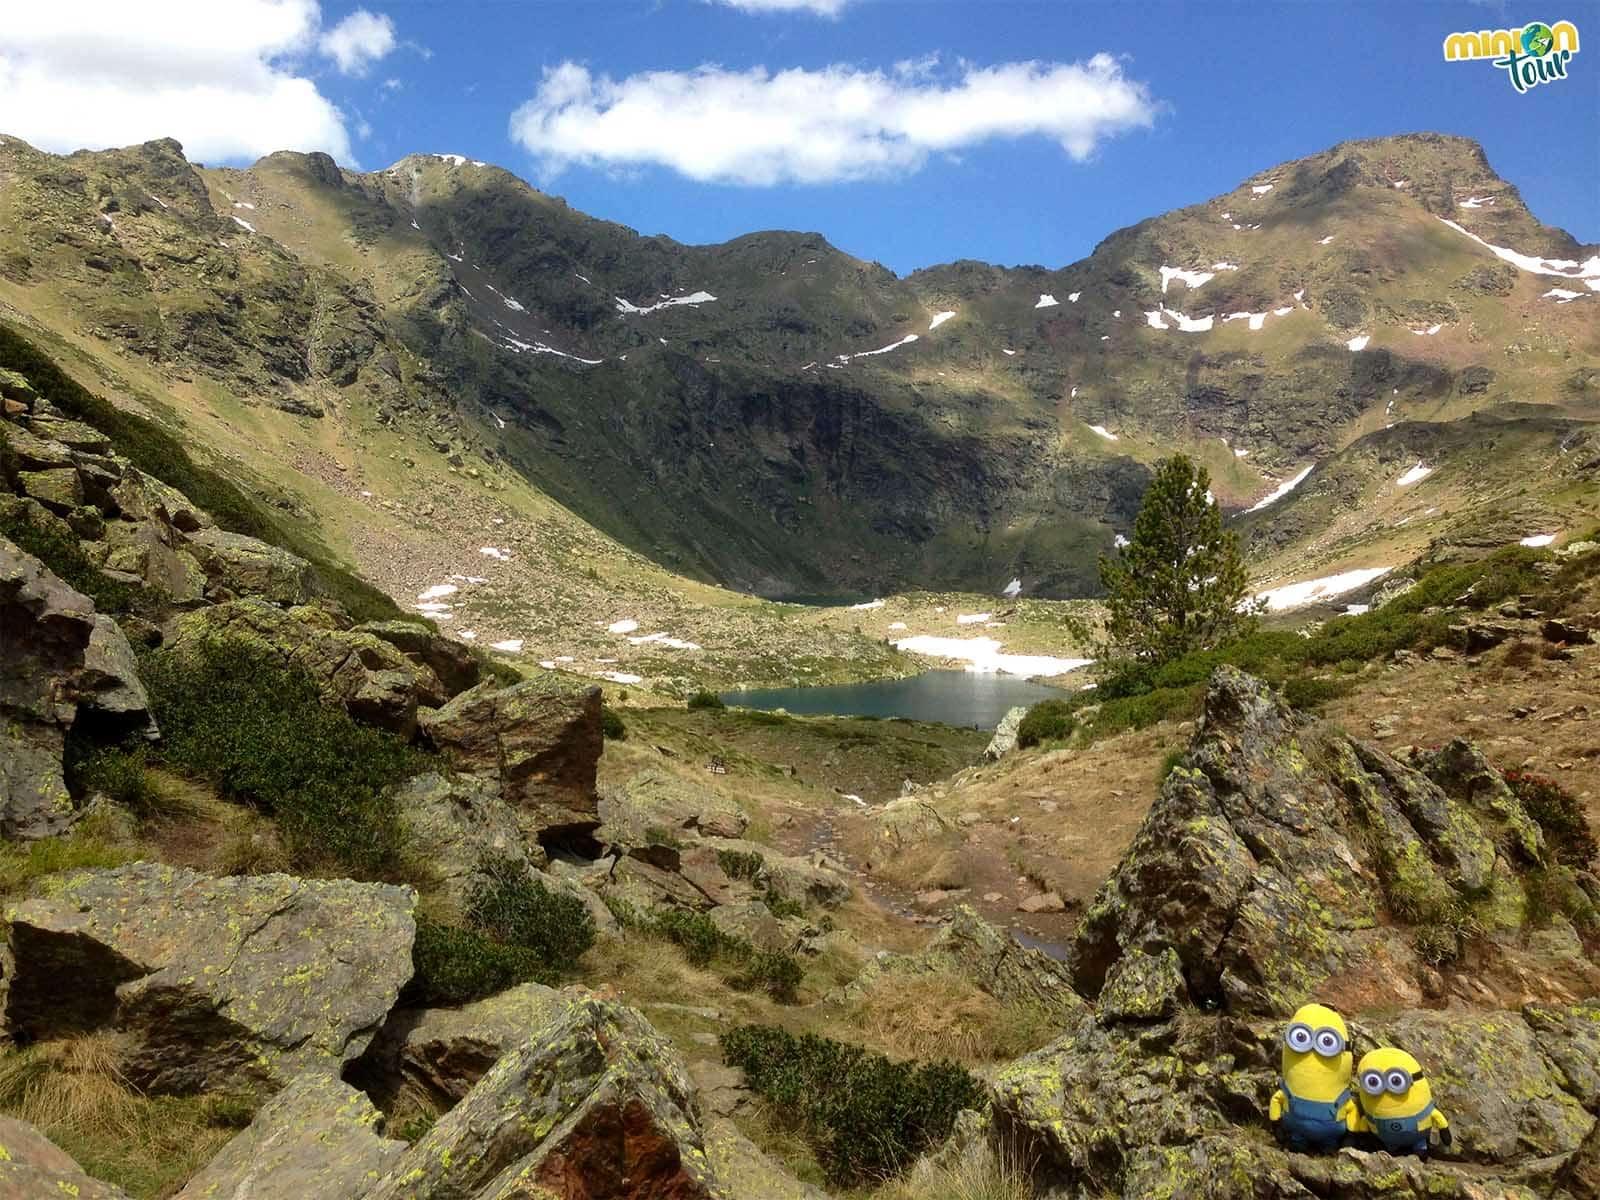 Paseando por la naturaleza en Andorra